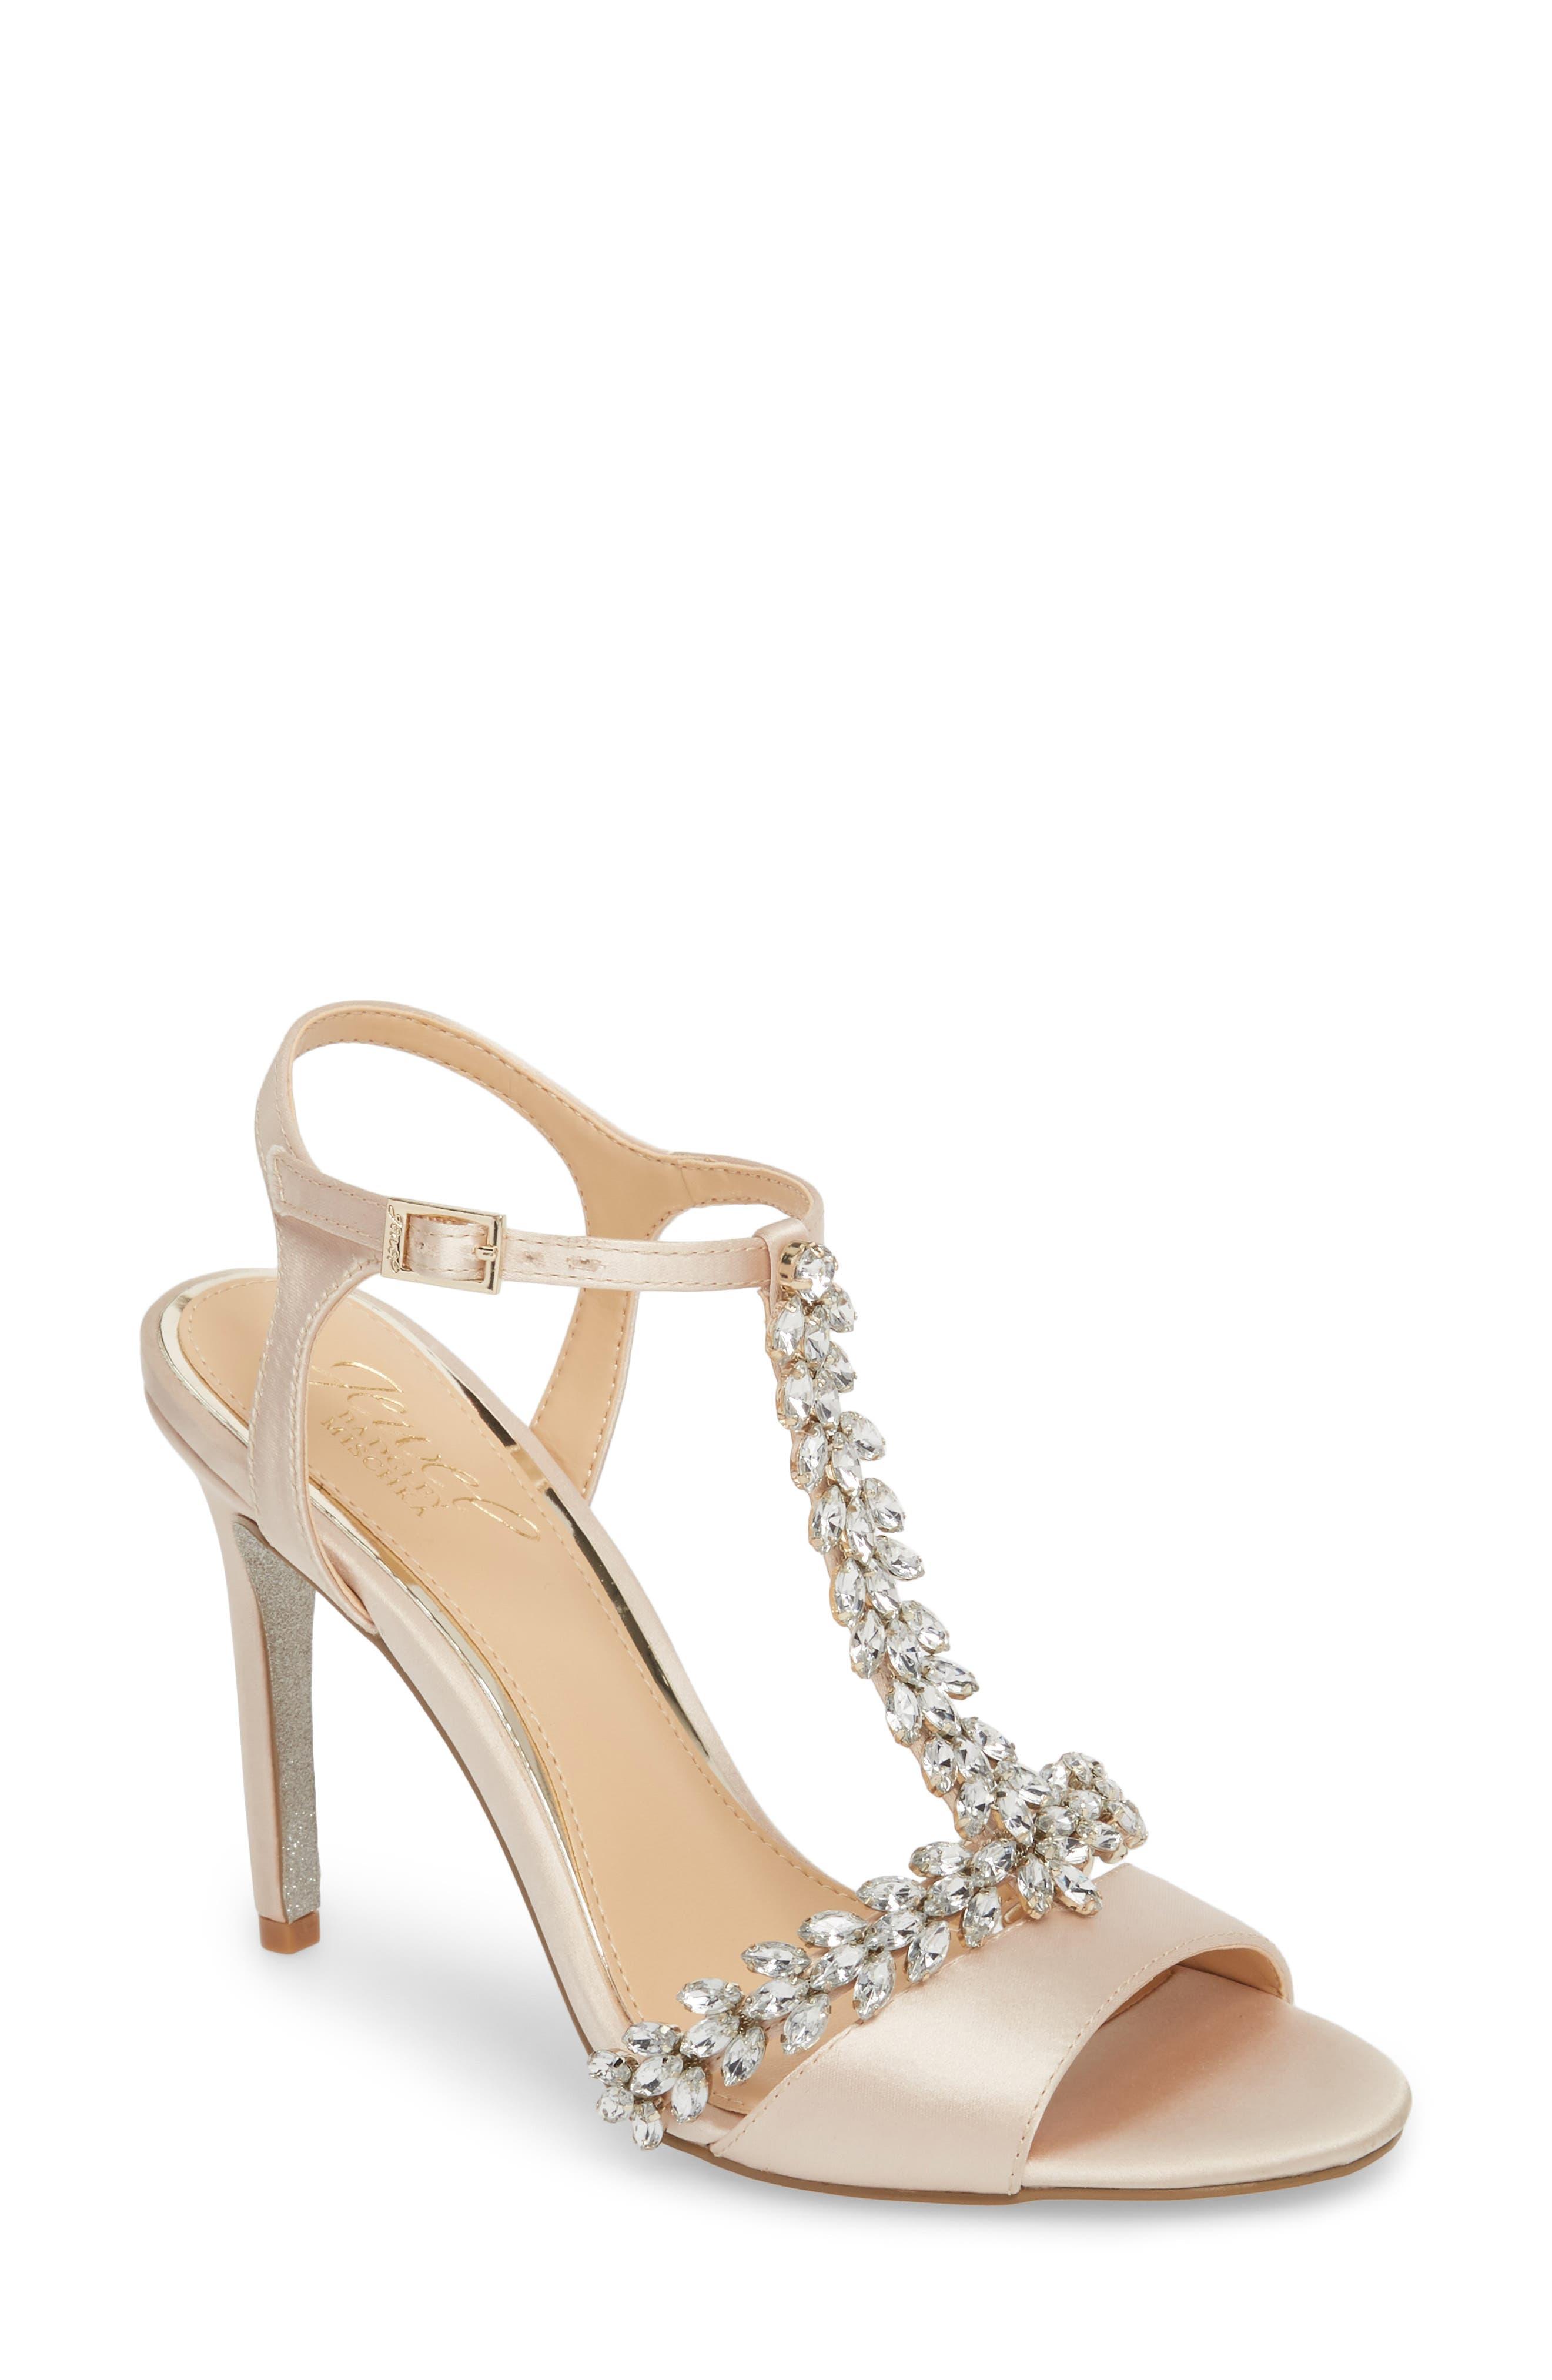 Jewel Badgley Mischka Maxi Crystal Embellished Sandal- Metallic